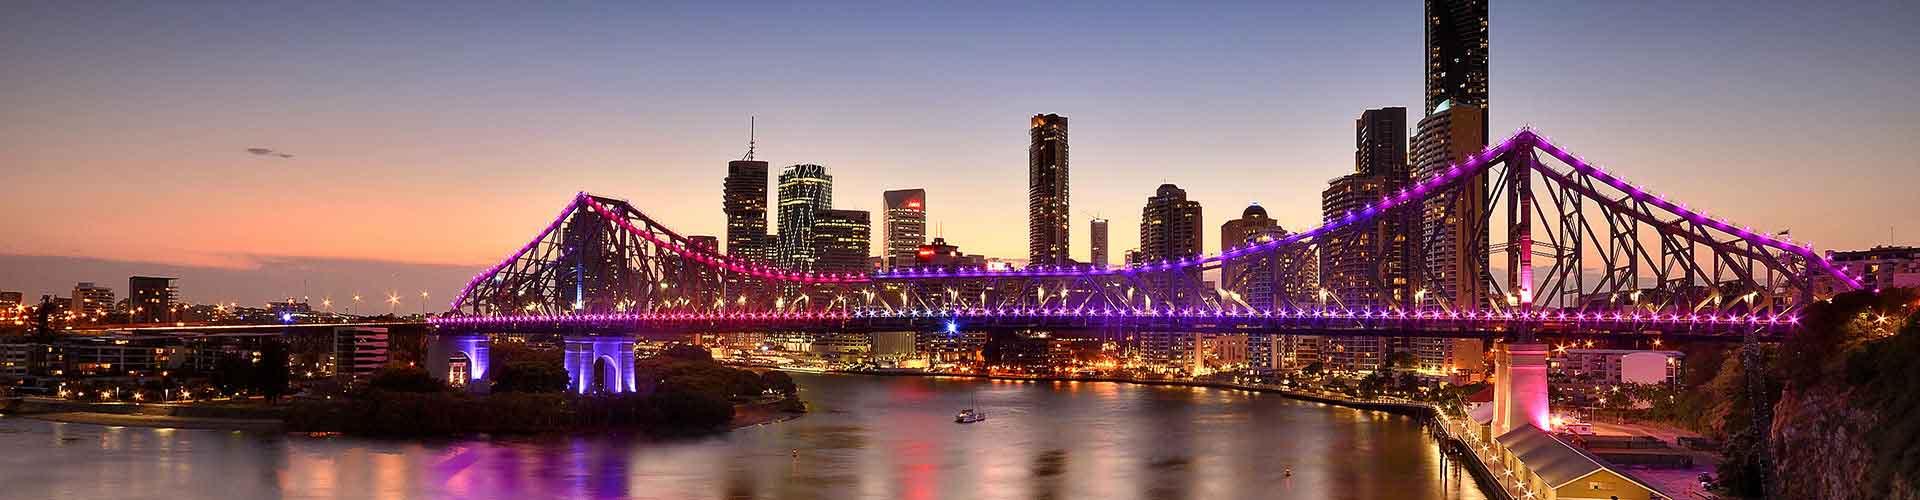 Brisbane - Ifjúsági Szállások Brisbaneben. Brisbane térképek, fotók és ajánlások minden egyes ifjúsági szállásokra Brisbane-ben.